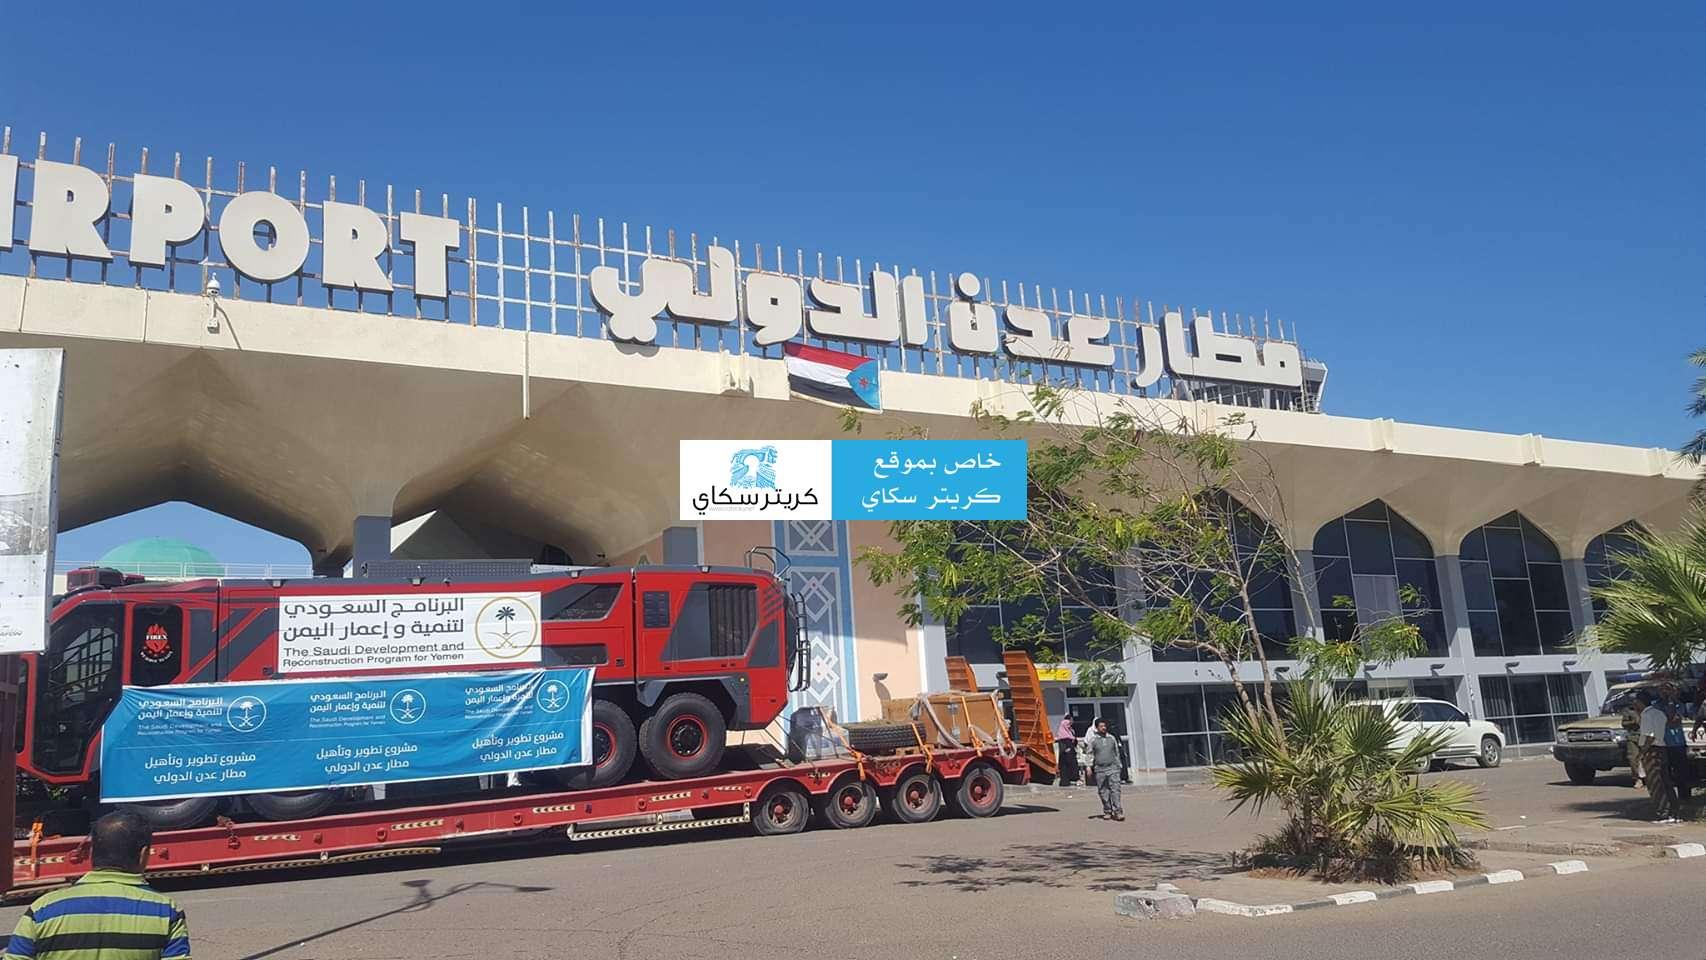 عاجل: قرار وزاري جديد يتعلق بمطار عدن الدولي